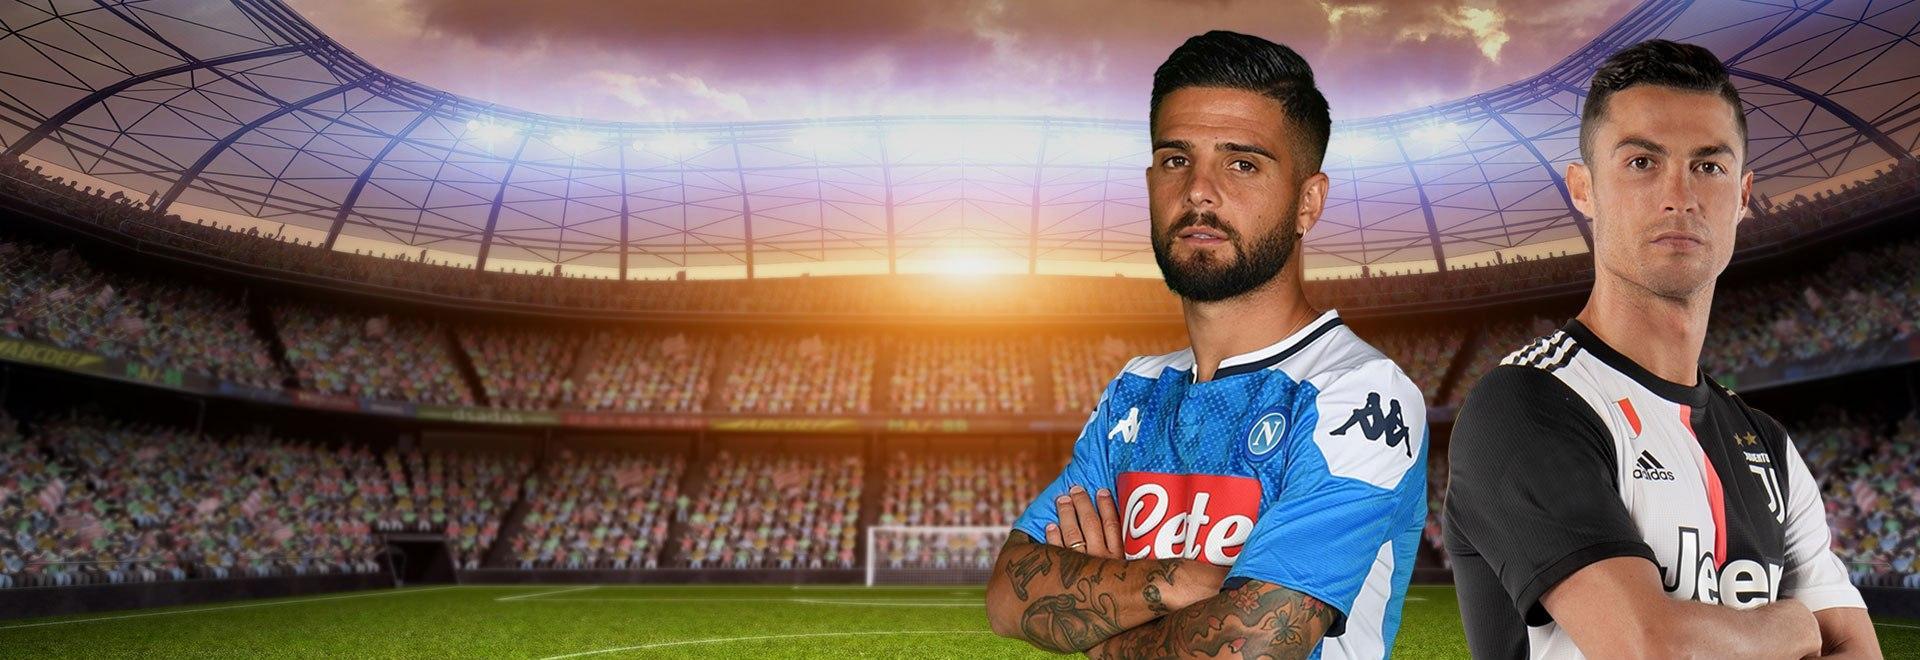 Napoli - Juventus. 21a g.